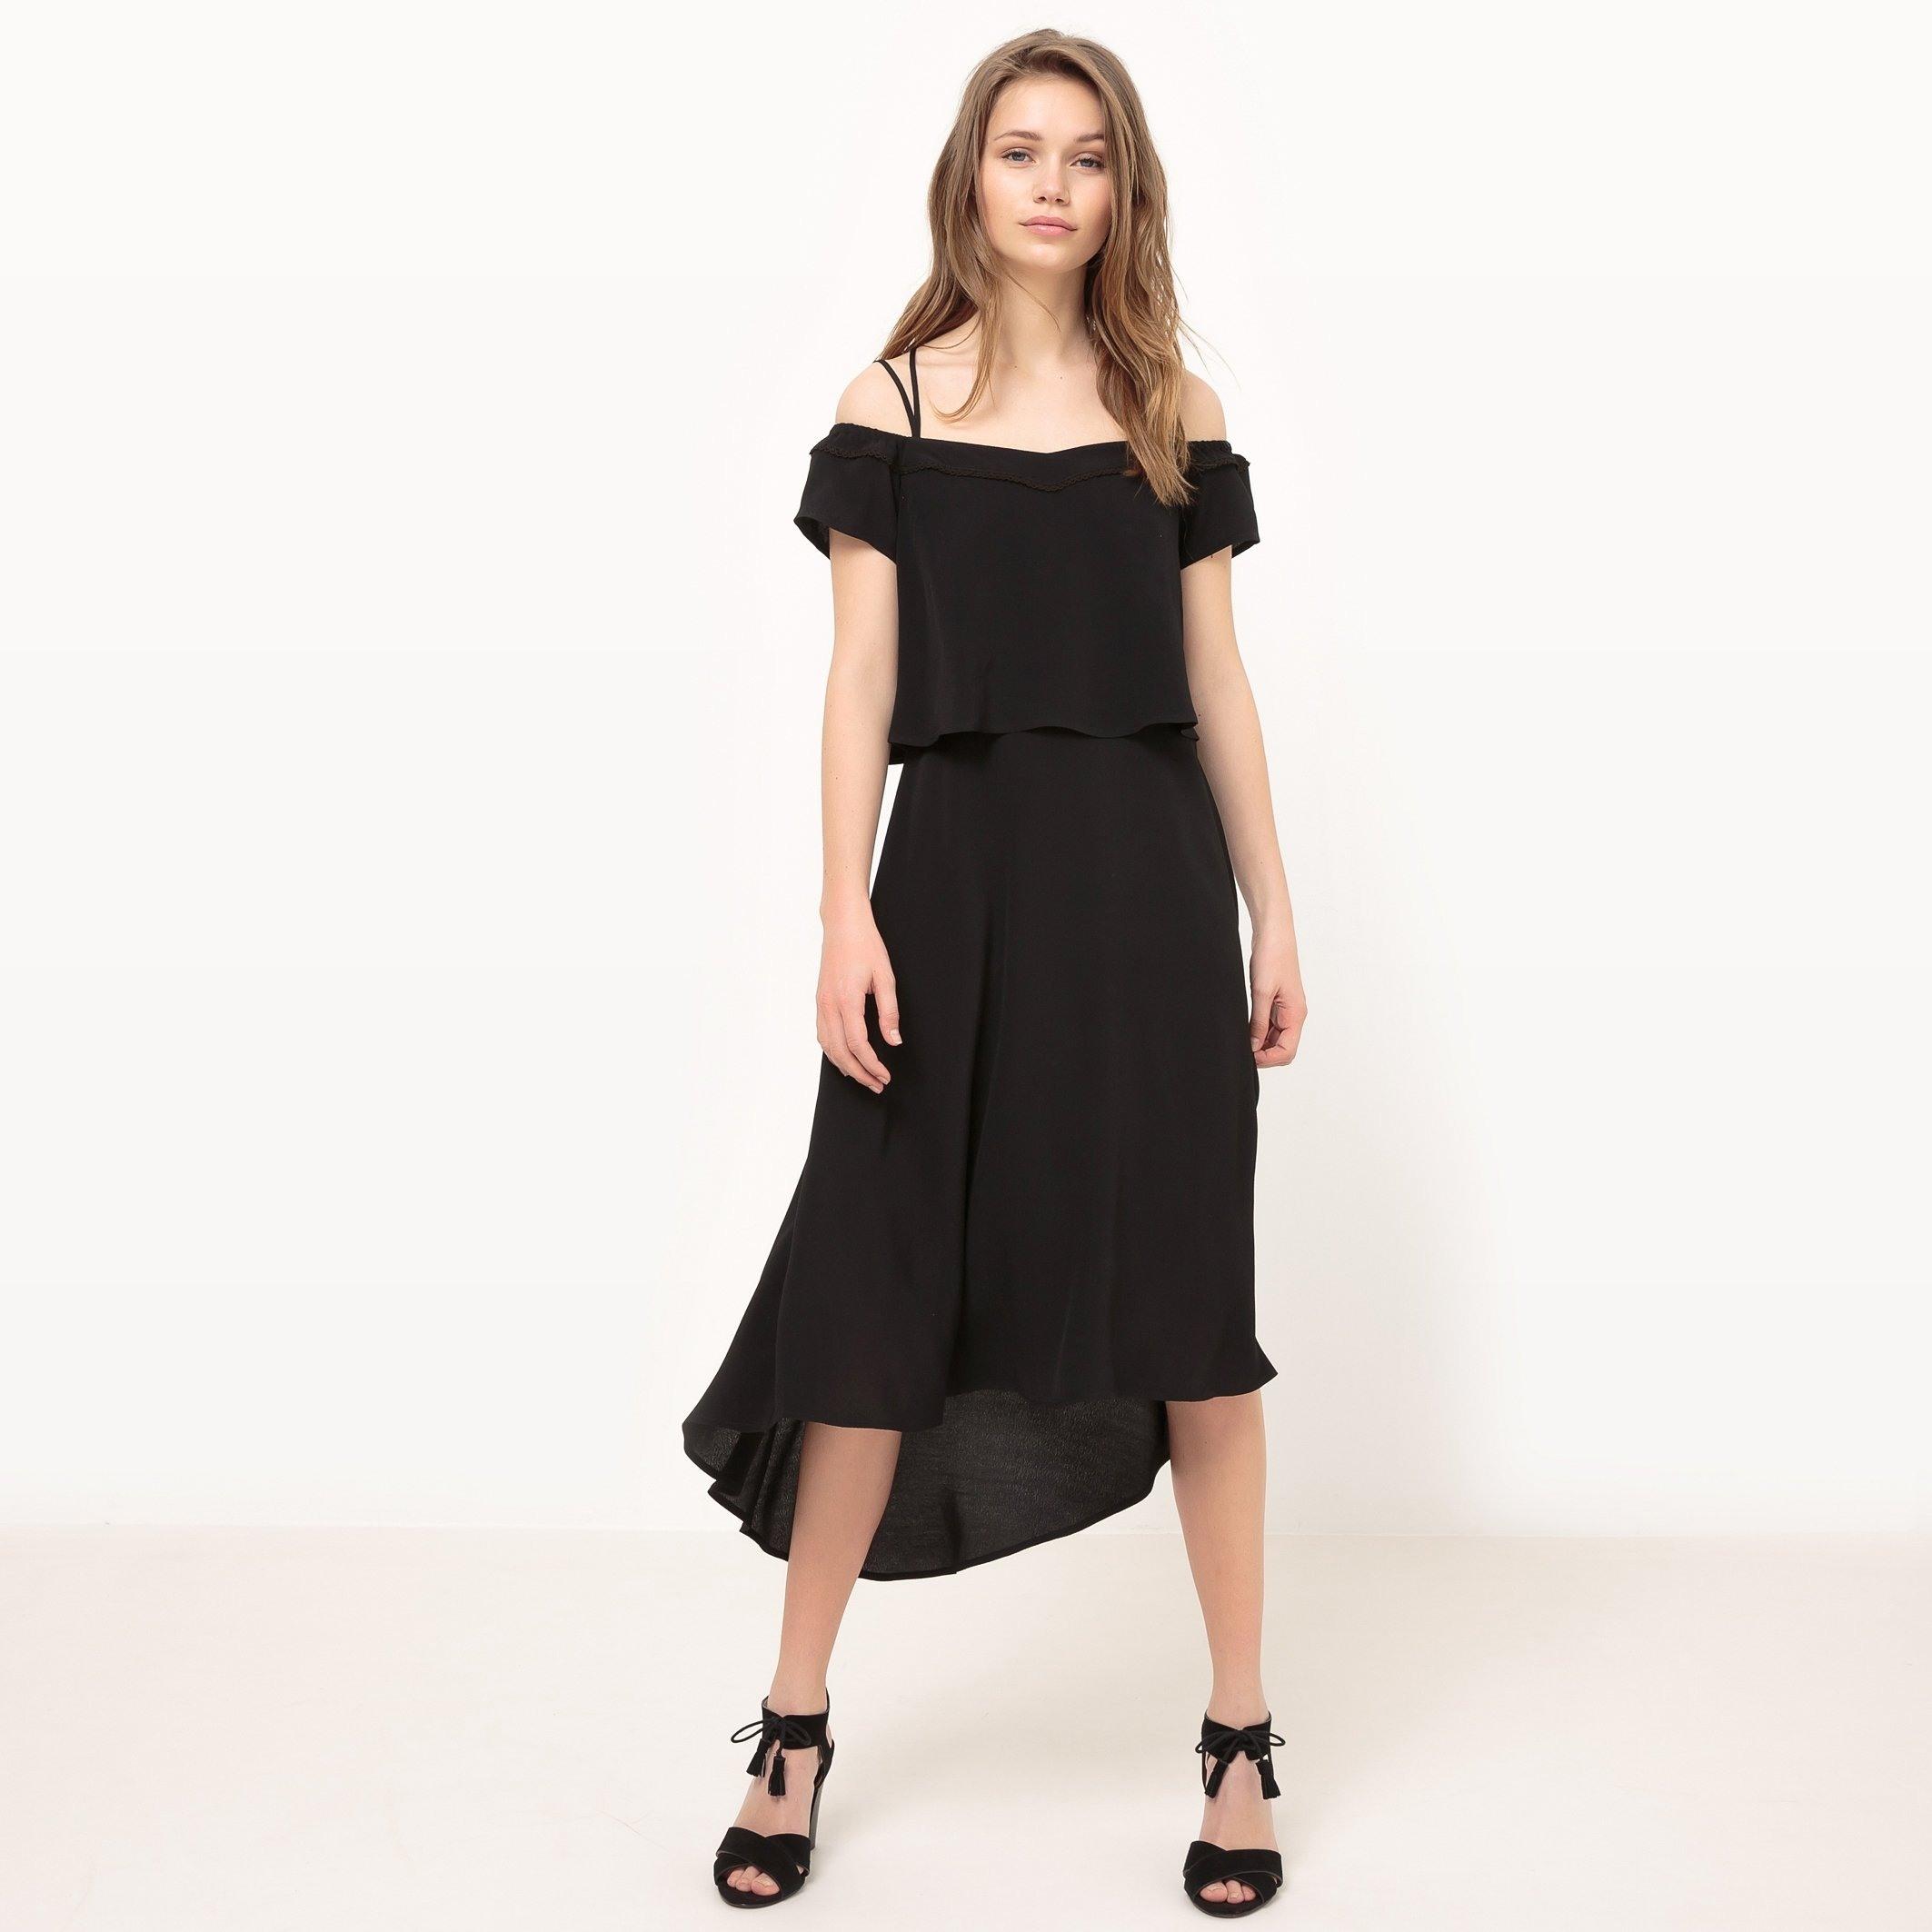 Schön Kleider Damen Festlich Vertrieb20 Luxurius Kleider Damen Festlich Spezialgebiet